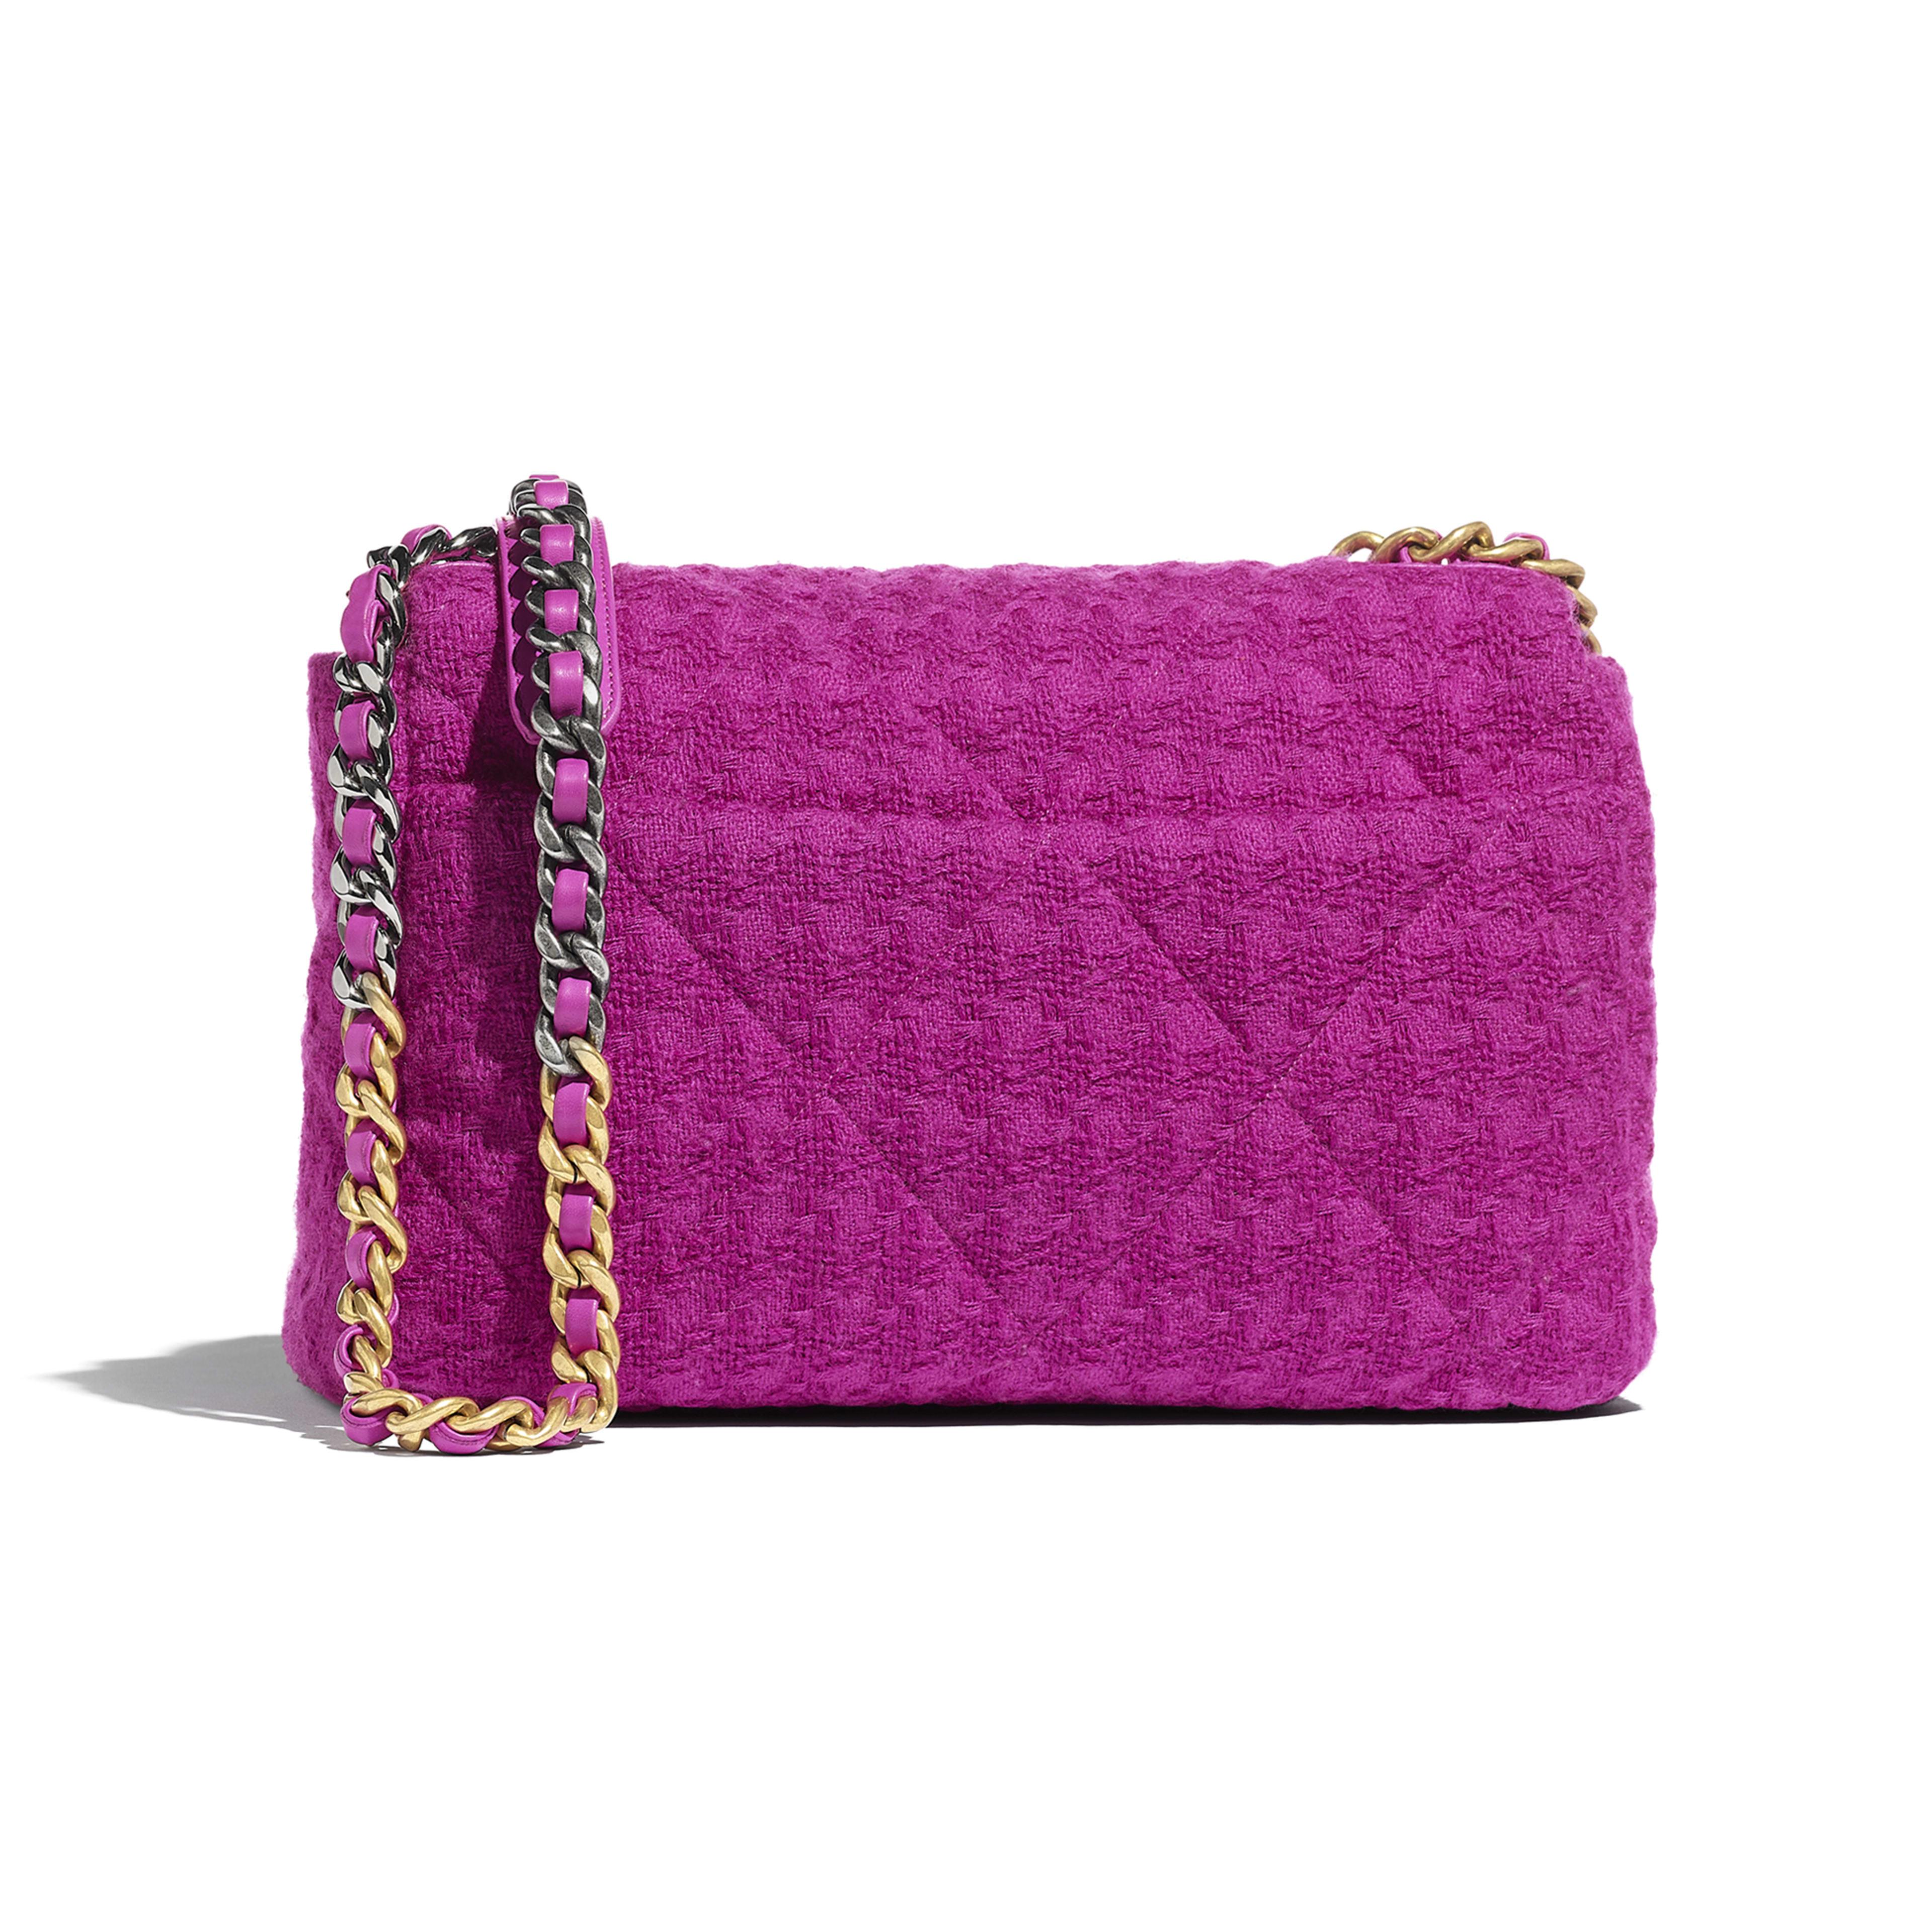 กระเป๋าสะพายใบใหญ่ CHANEL 19 - สีชมพูฟูเชีย - ผ้าทวีตขนสัตว์ โลหะสีทอง โลหะสีเงิน และโลหะเคลือบรูทีเนียม - มุมมองทางอื่น - ดูเวอร์ชันขนาดเต็ม